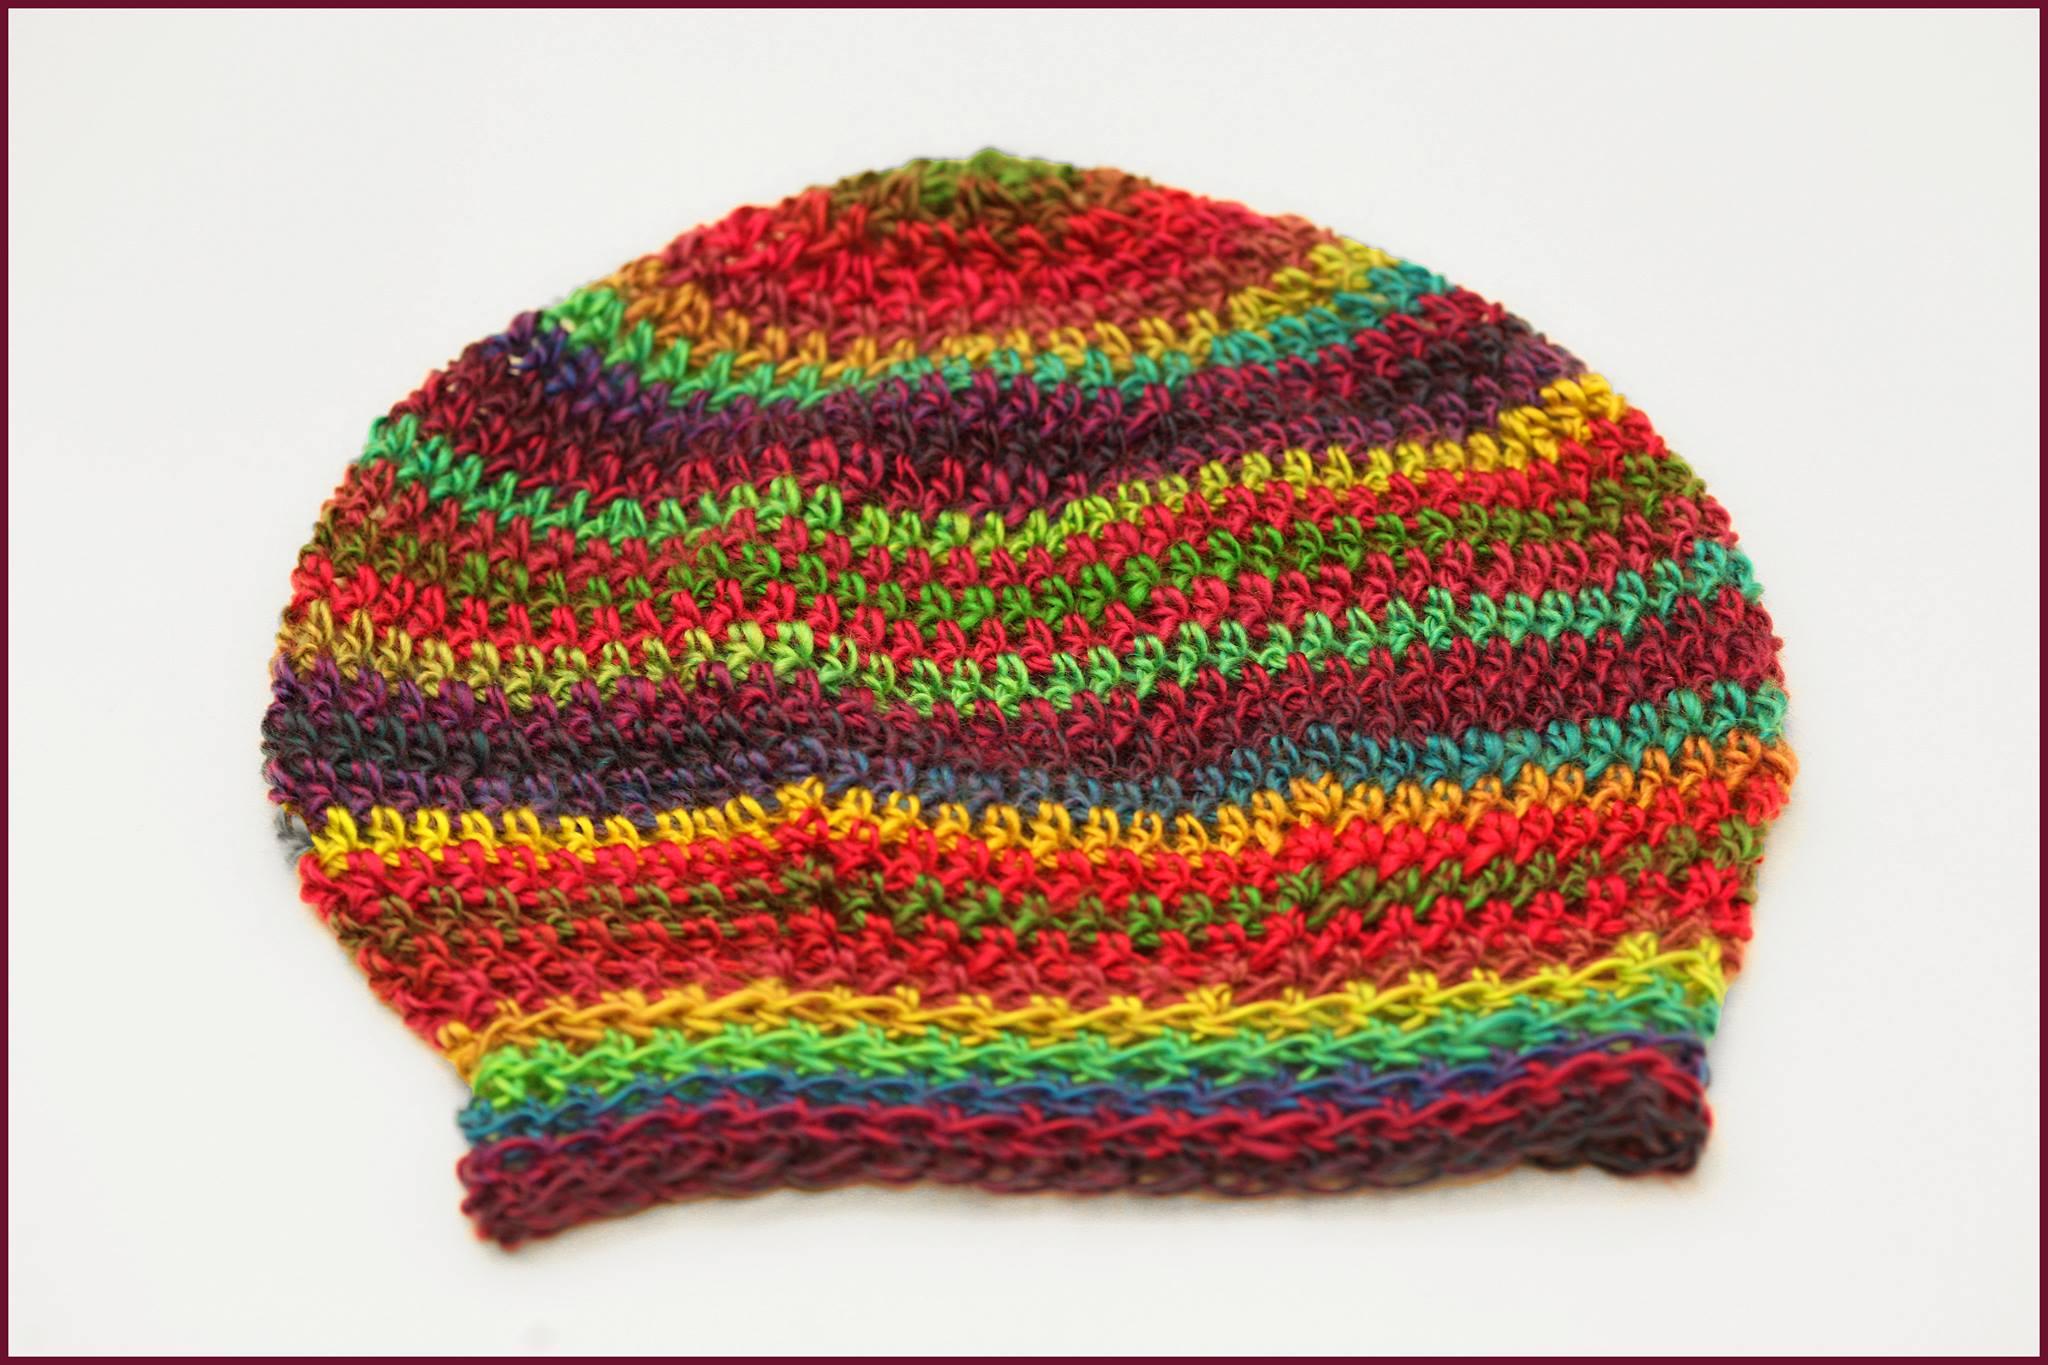 slouchy hat « YARNutopia by Nadia Fuad